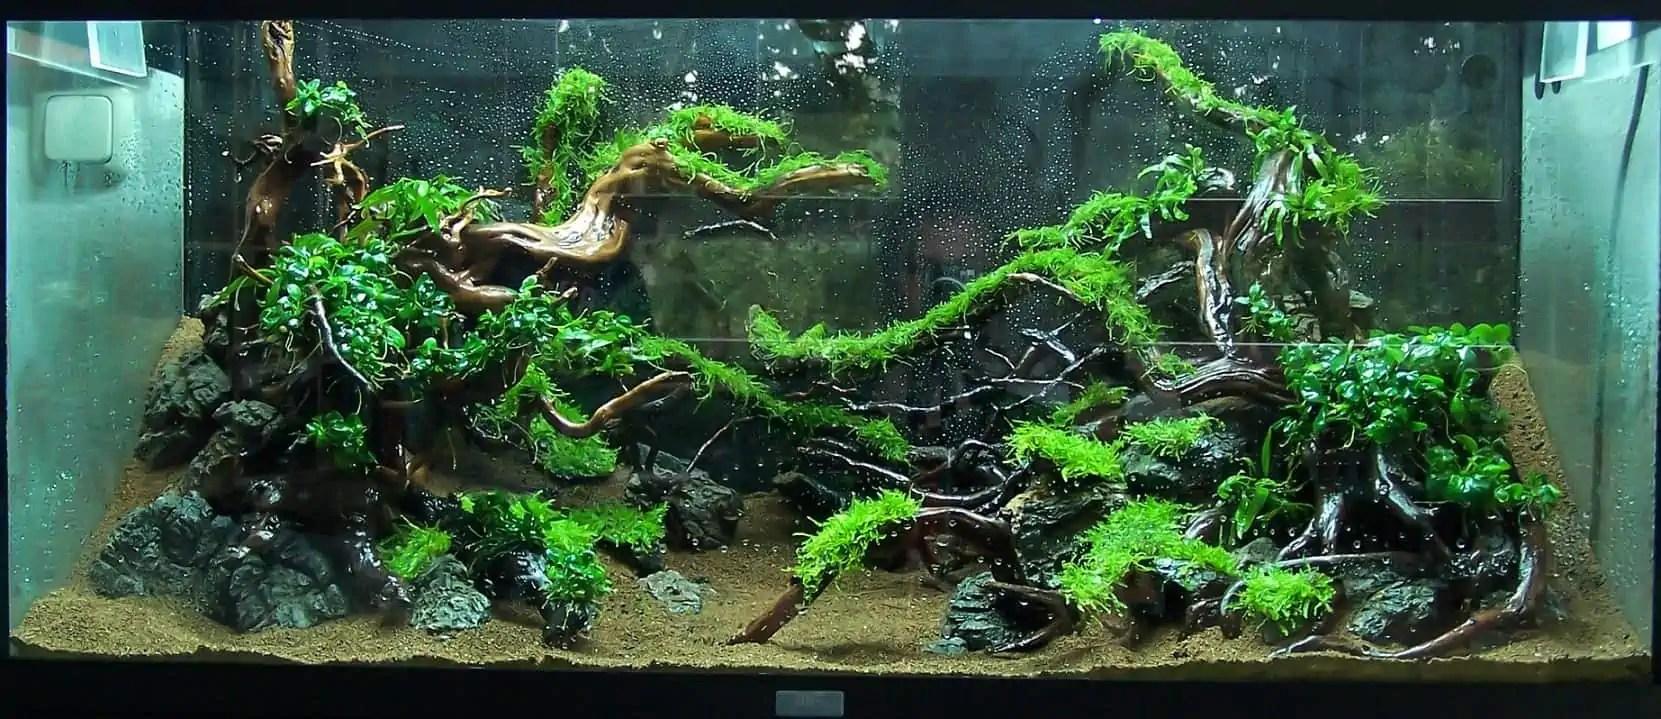 Aquarium Einrichten Beispiele Lid Look Into Acrylic Housing